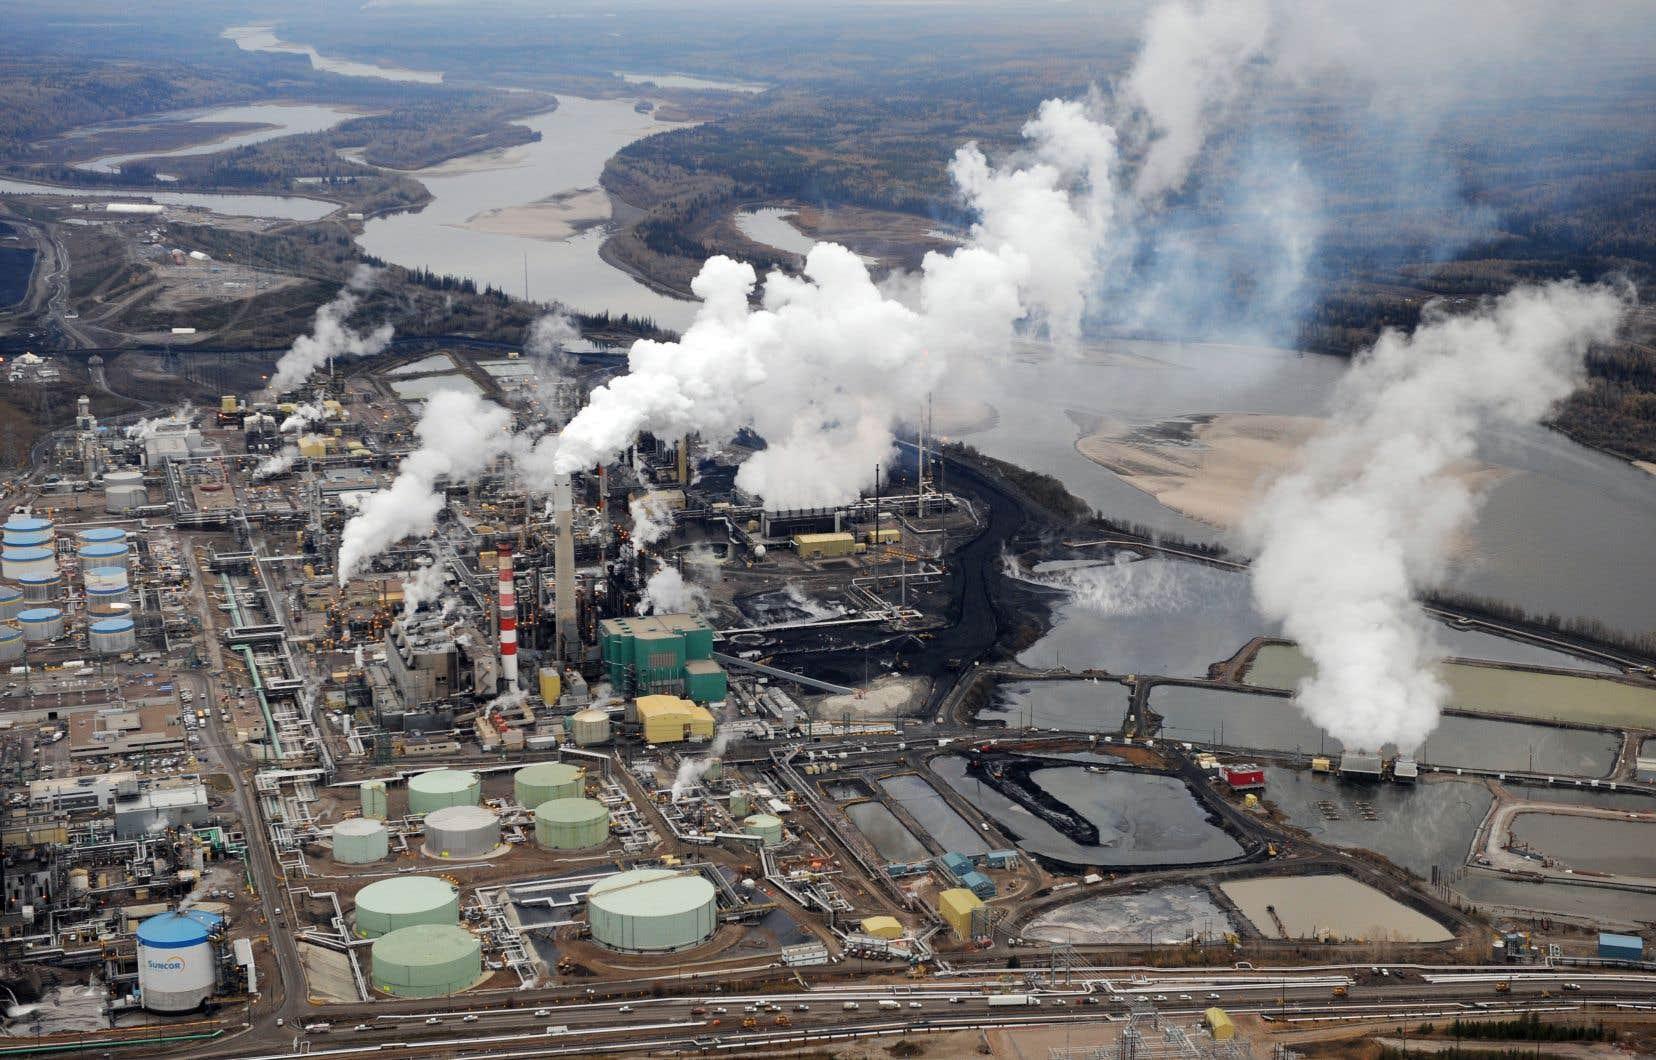 La Planète s'invite au Parlement souhaite que le gouvernement prenne des mesures sans précédent afin de réduire les émissions de gaz à effet de serre (GES) du Canada et de s'attaquer à la crise climatique.